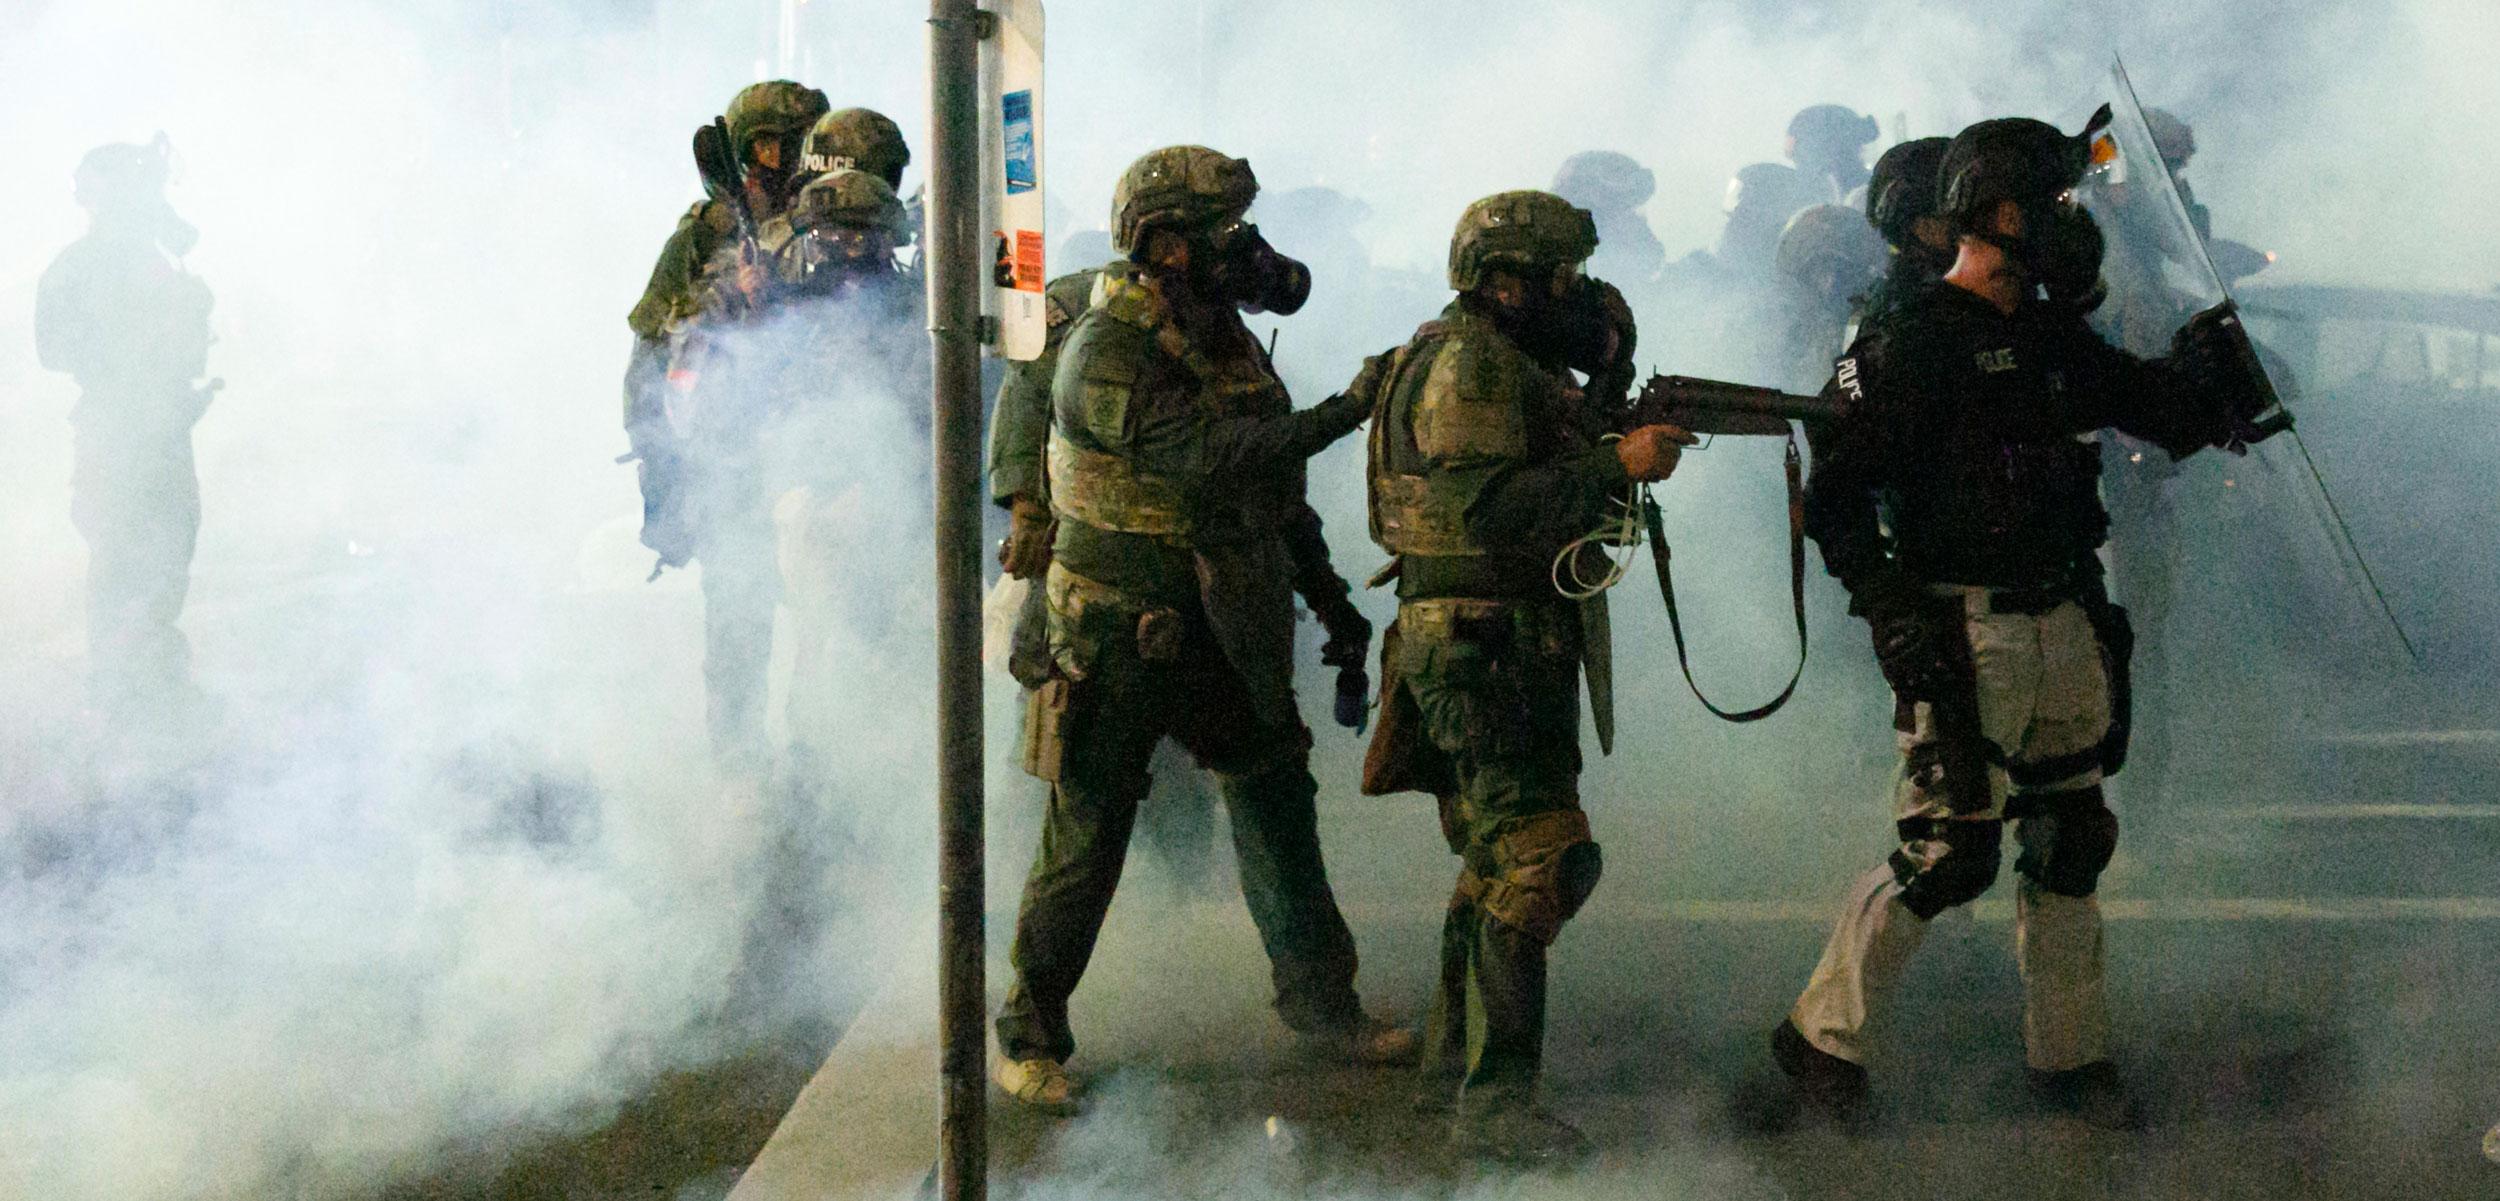 police using tear gas in Portland, Oregon